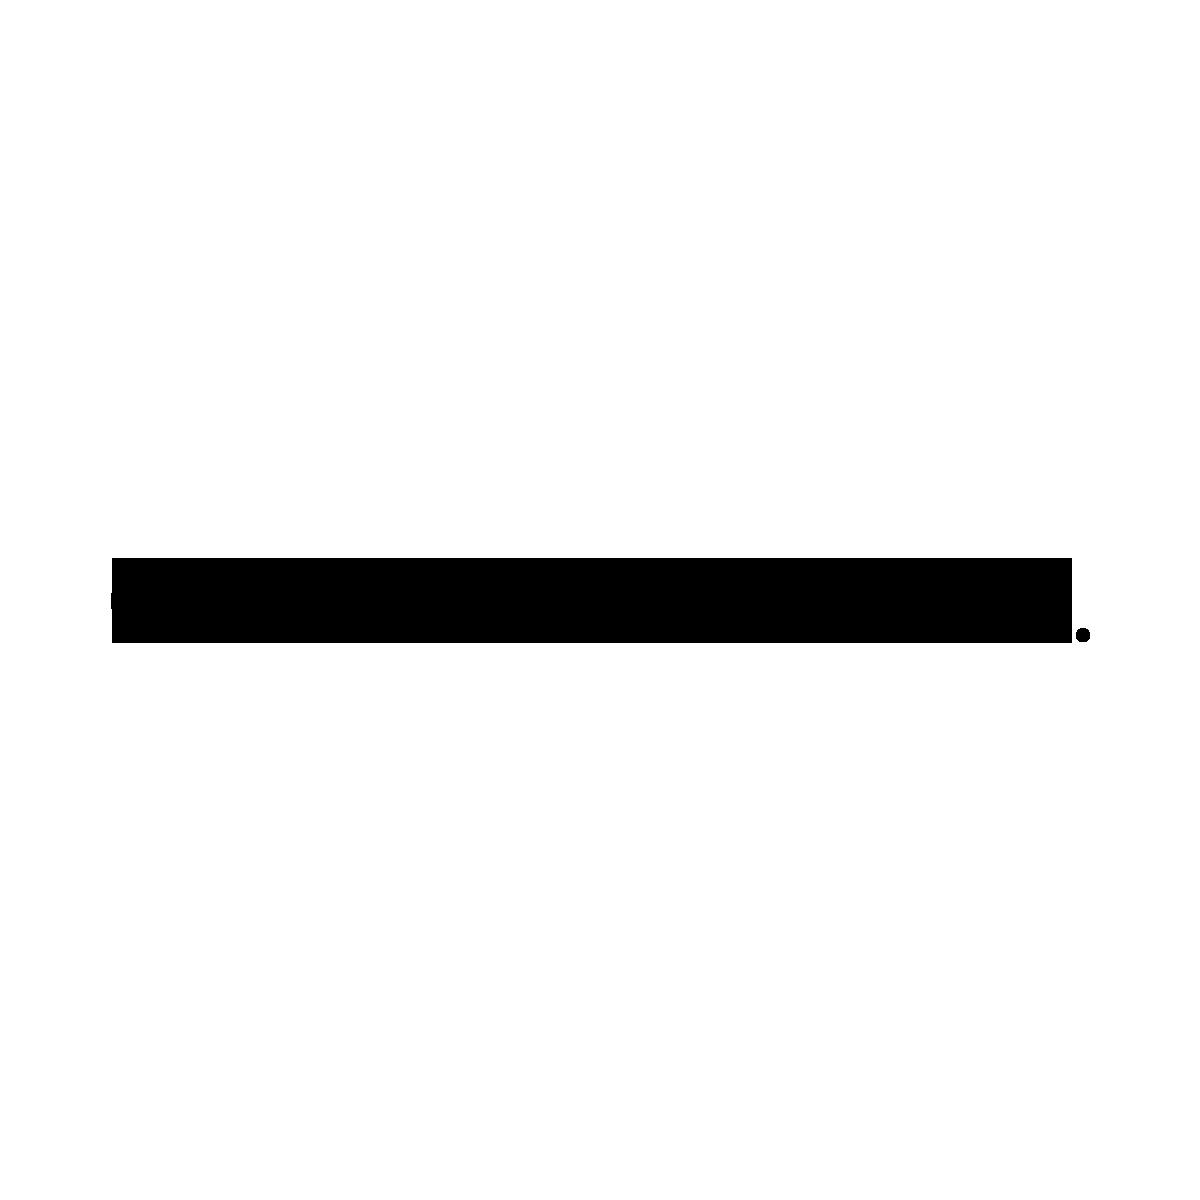 Espadrille-loafer-suède-blauw